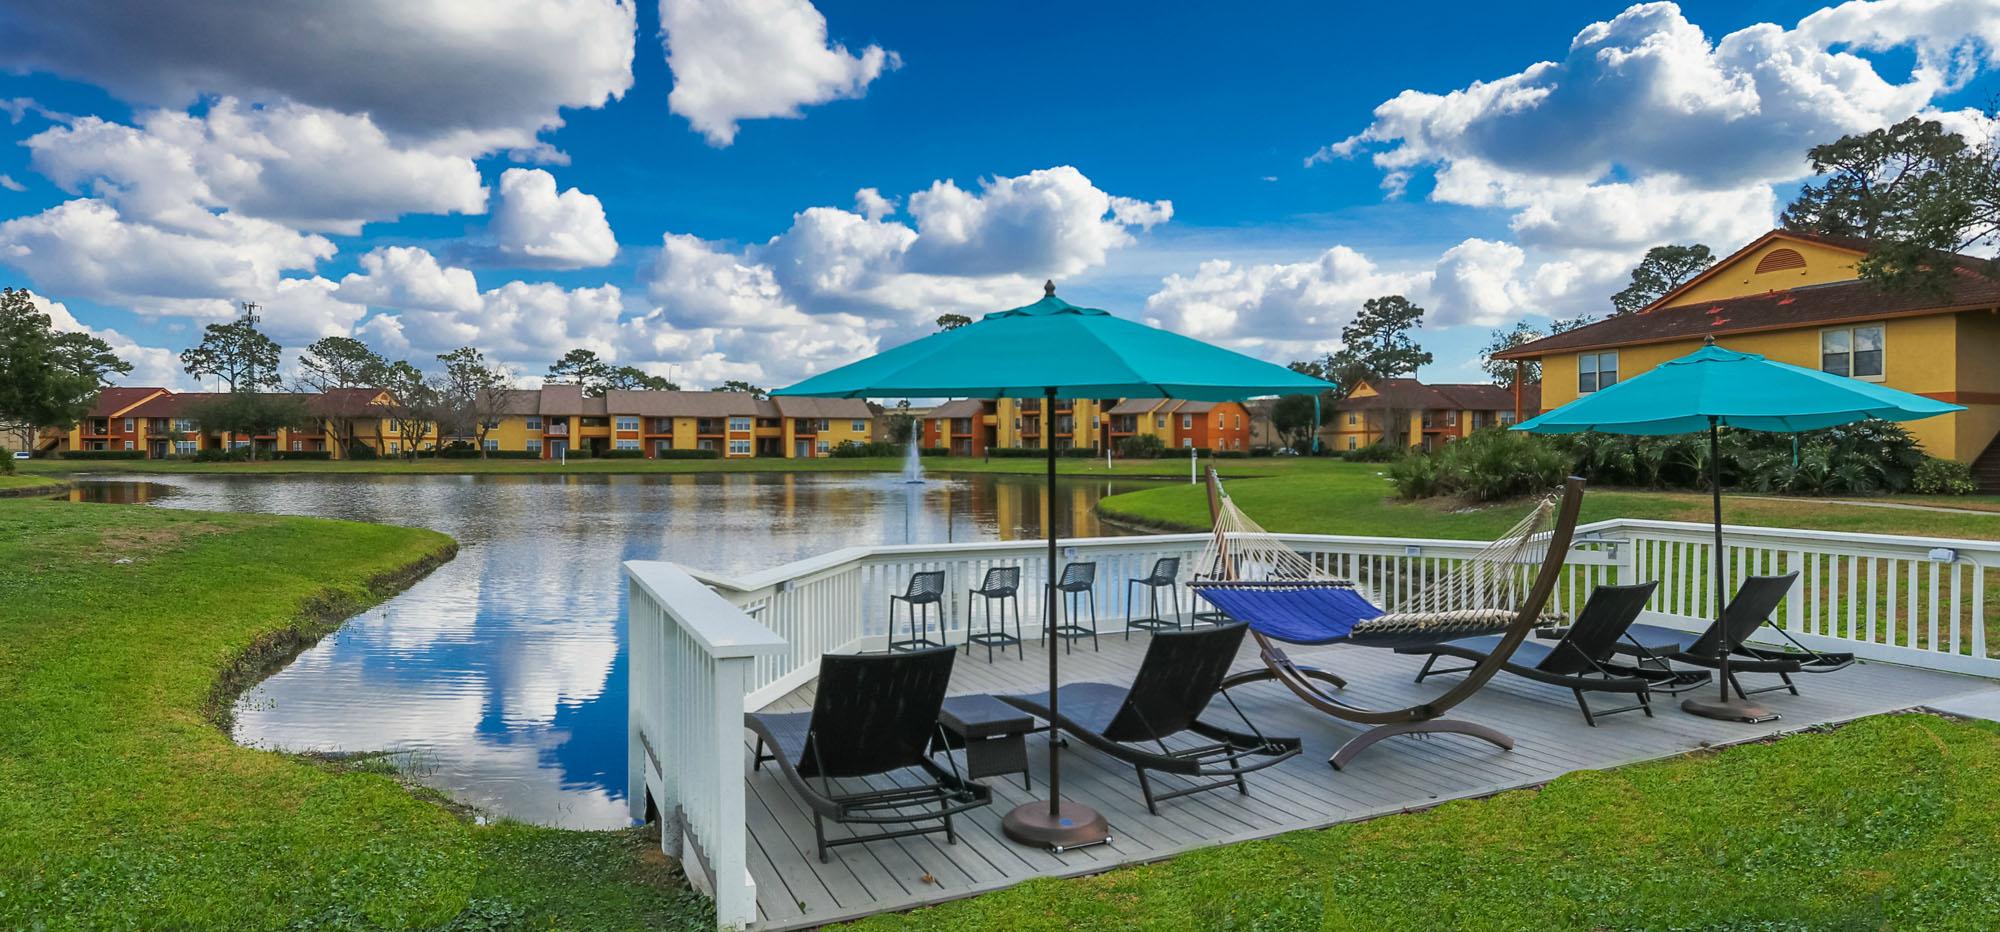 Avisa Lakes for rent